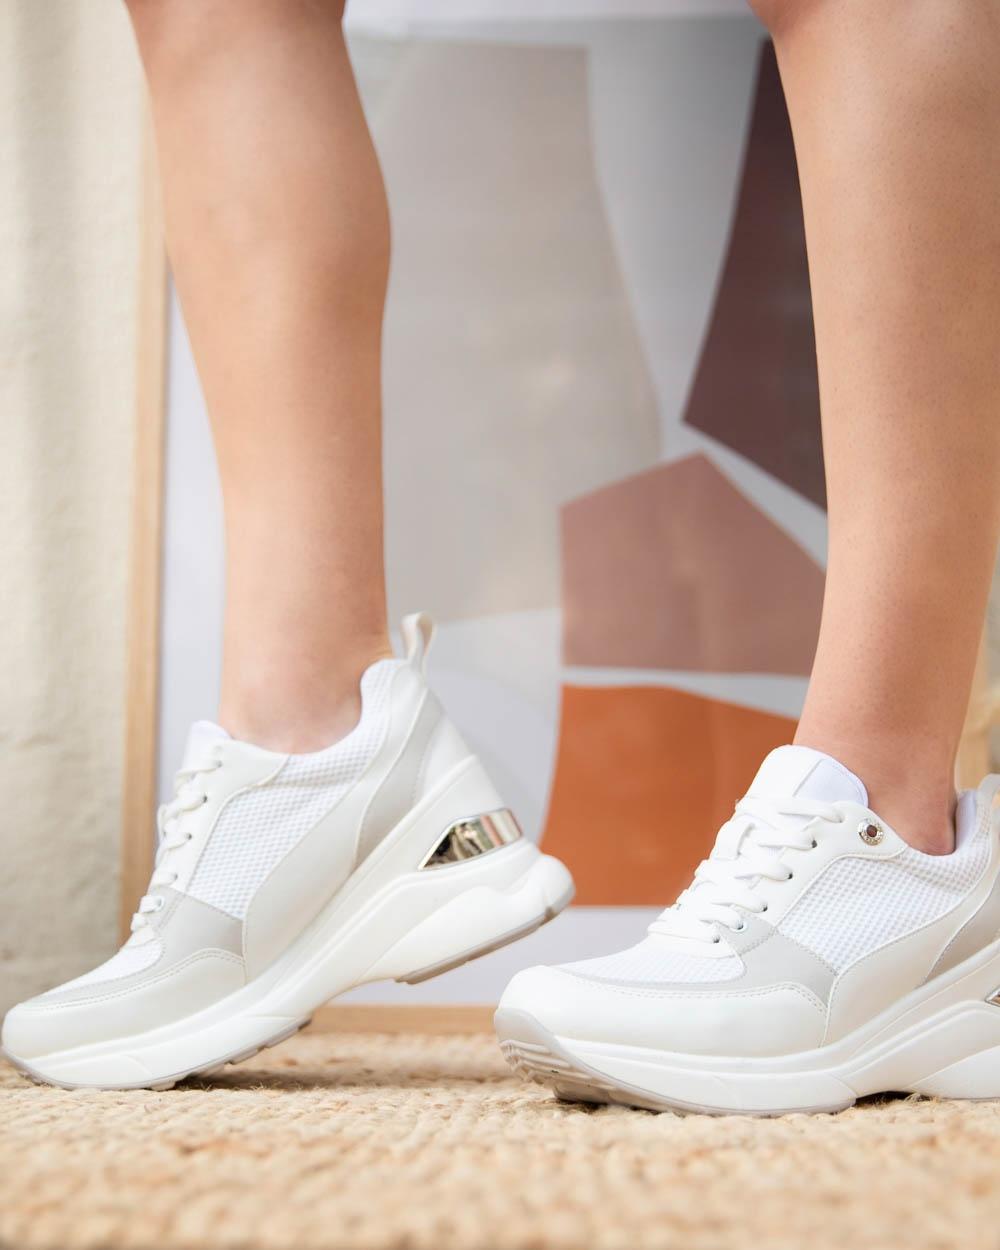 Εικόνα από Γυναικεία sneakers σε συνδυασμούς υλικών Λευκό